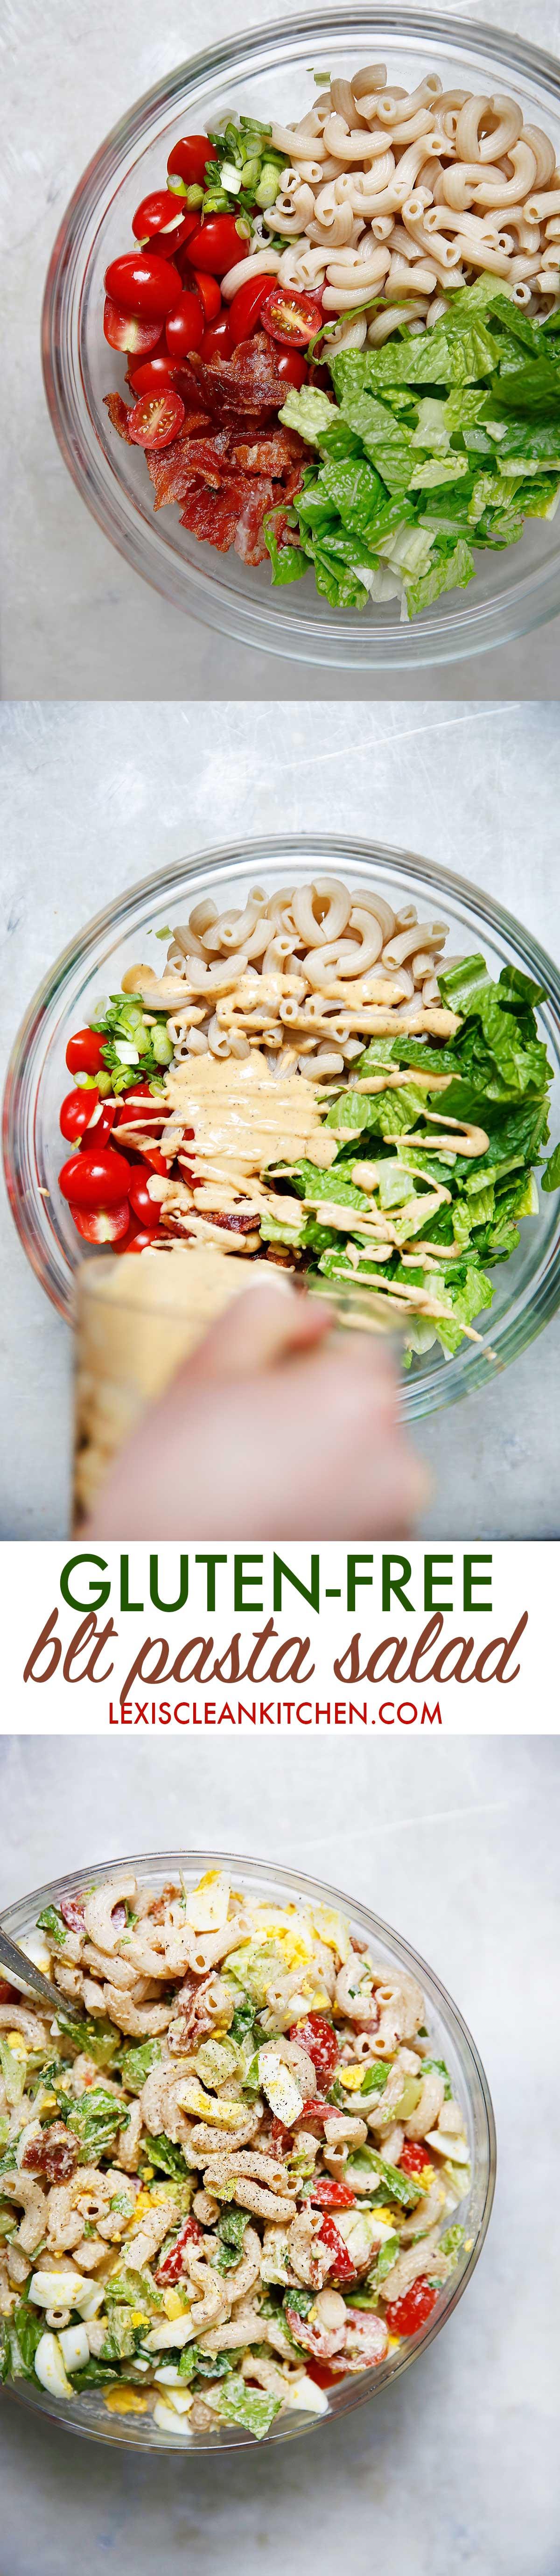 BLT Pasta Salad {Gluten-free, nut-free} | Lexi's Clean Kitchen